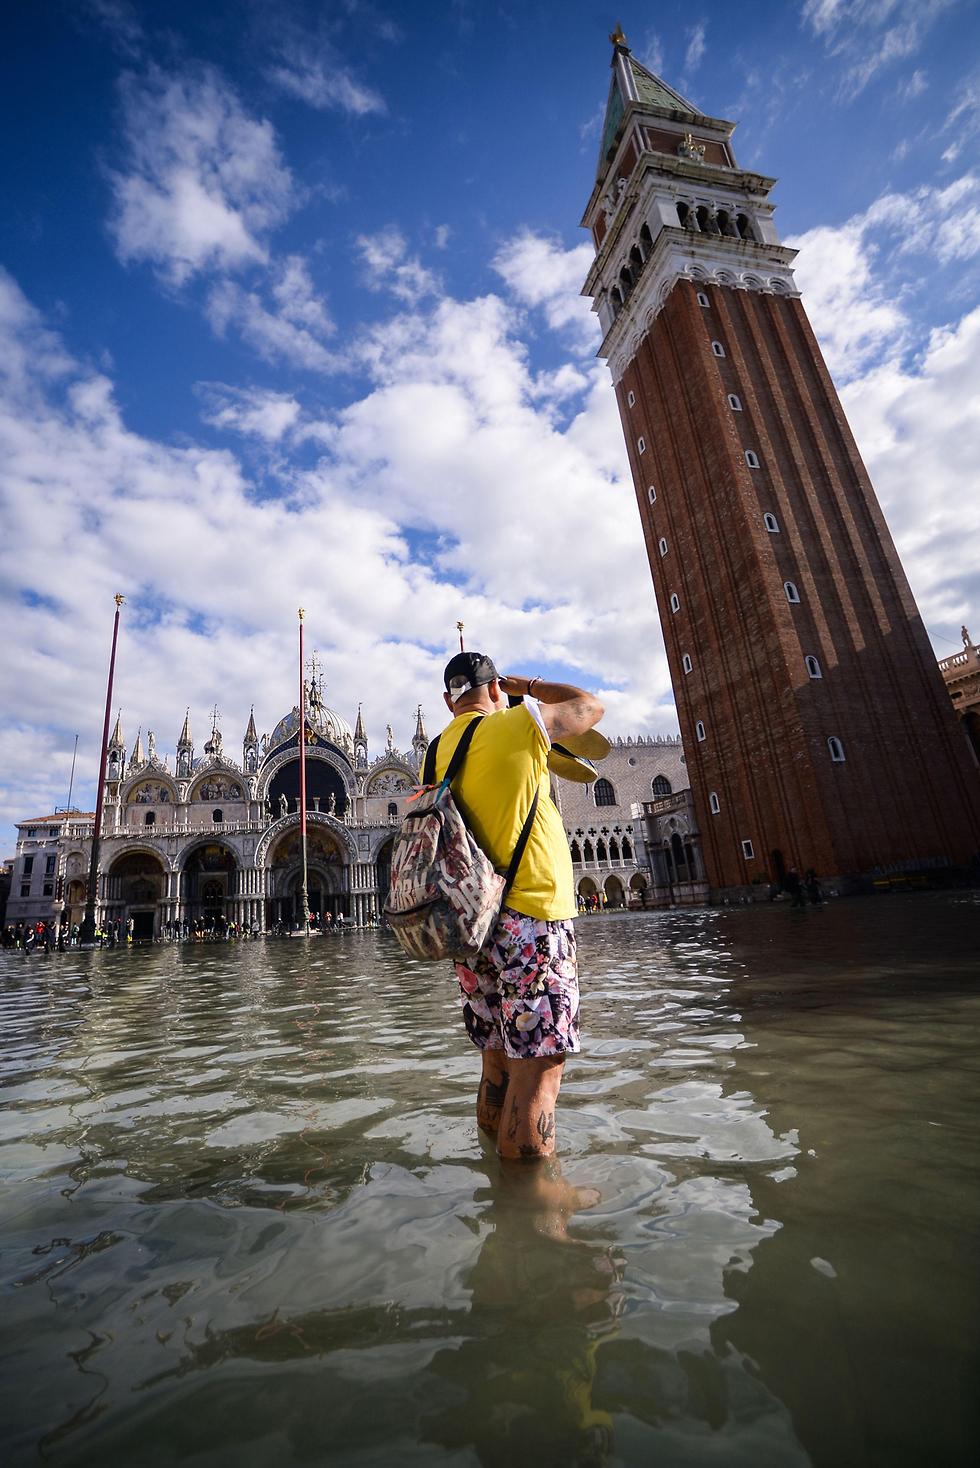 איטליה ונציה הצפה הצפות (צילום: AFP    )